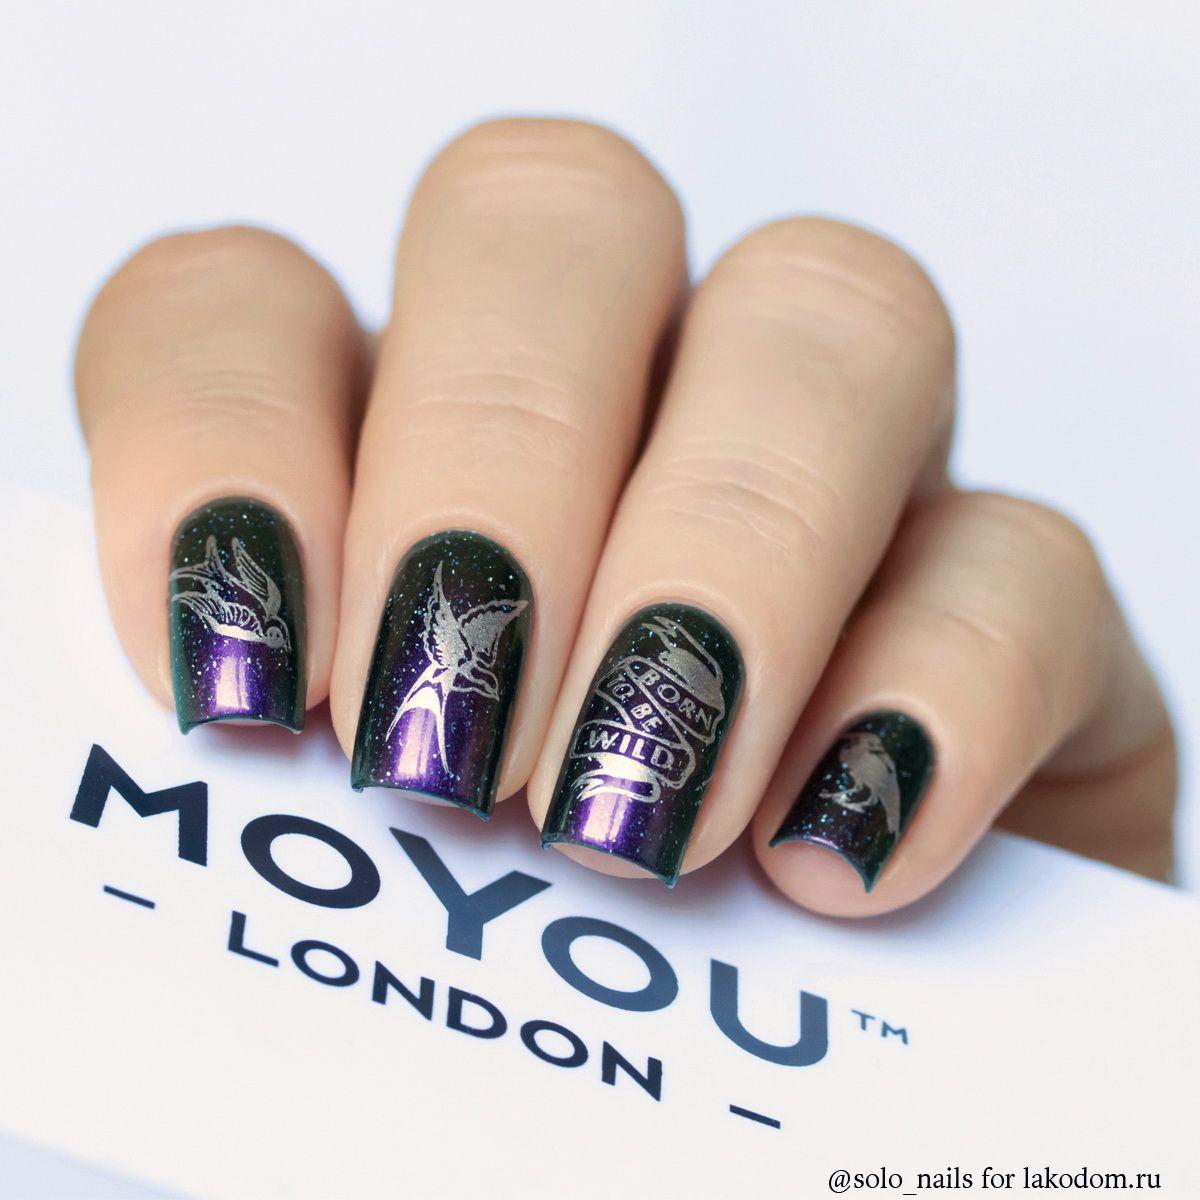 Plastina Dlya Stempinga Moyou London Biker Kupit S Dostavkoj Po Moskve Cpb I Vsej Rossii Nail Stamping Stamping Nail Art Nail Art Designs